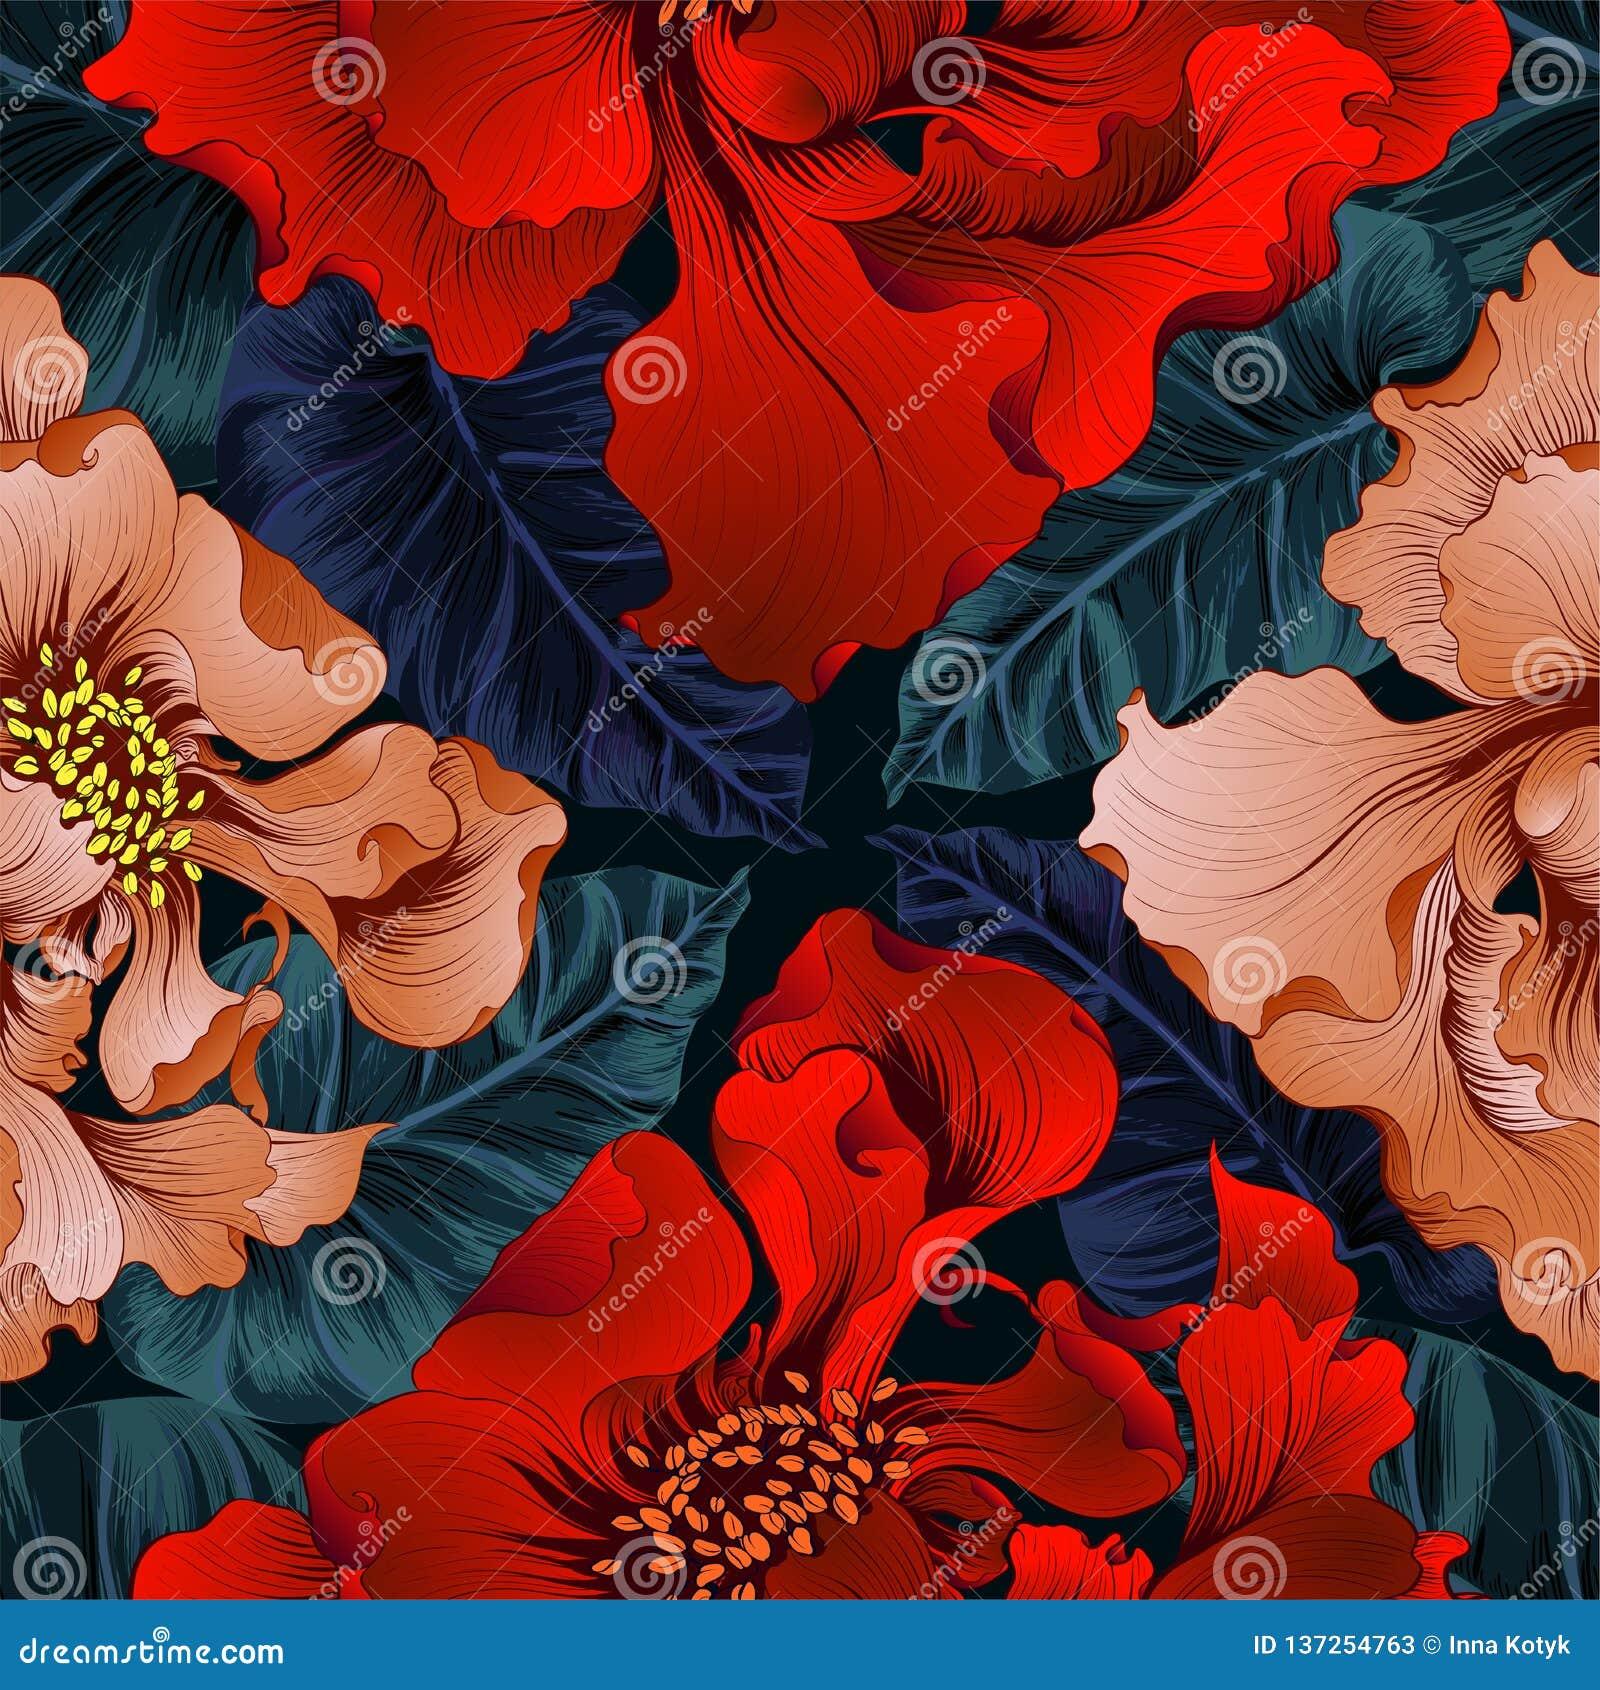 διάνυσμα Λουλούδια φαντασίας - διακοσμητική σύνθεση Λουλούδια με τα μακριά πέταλα ταπετσαρία πρότυπα άνευ ραφής